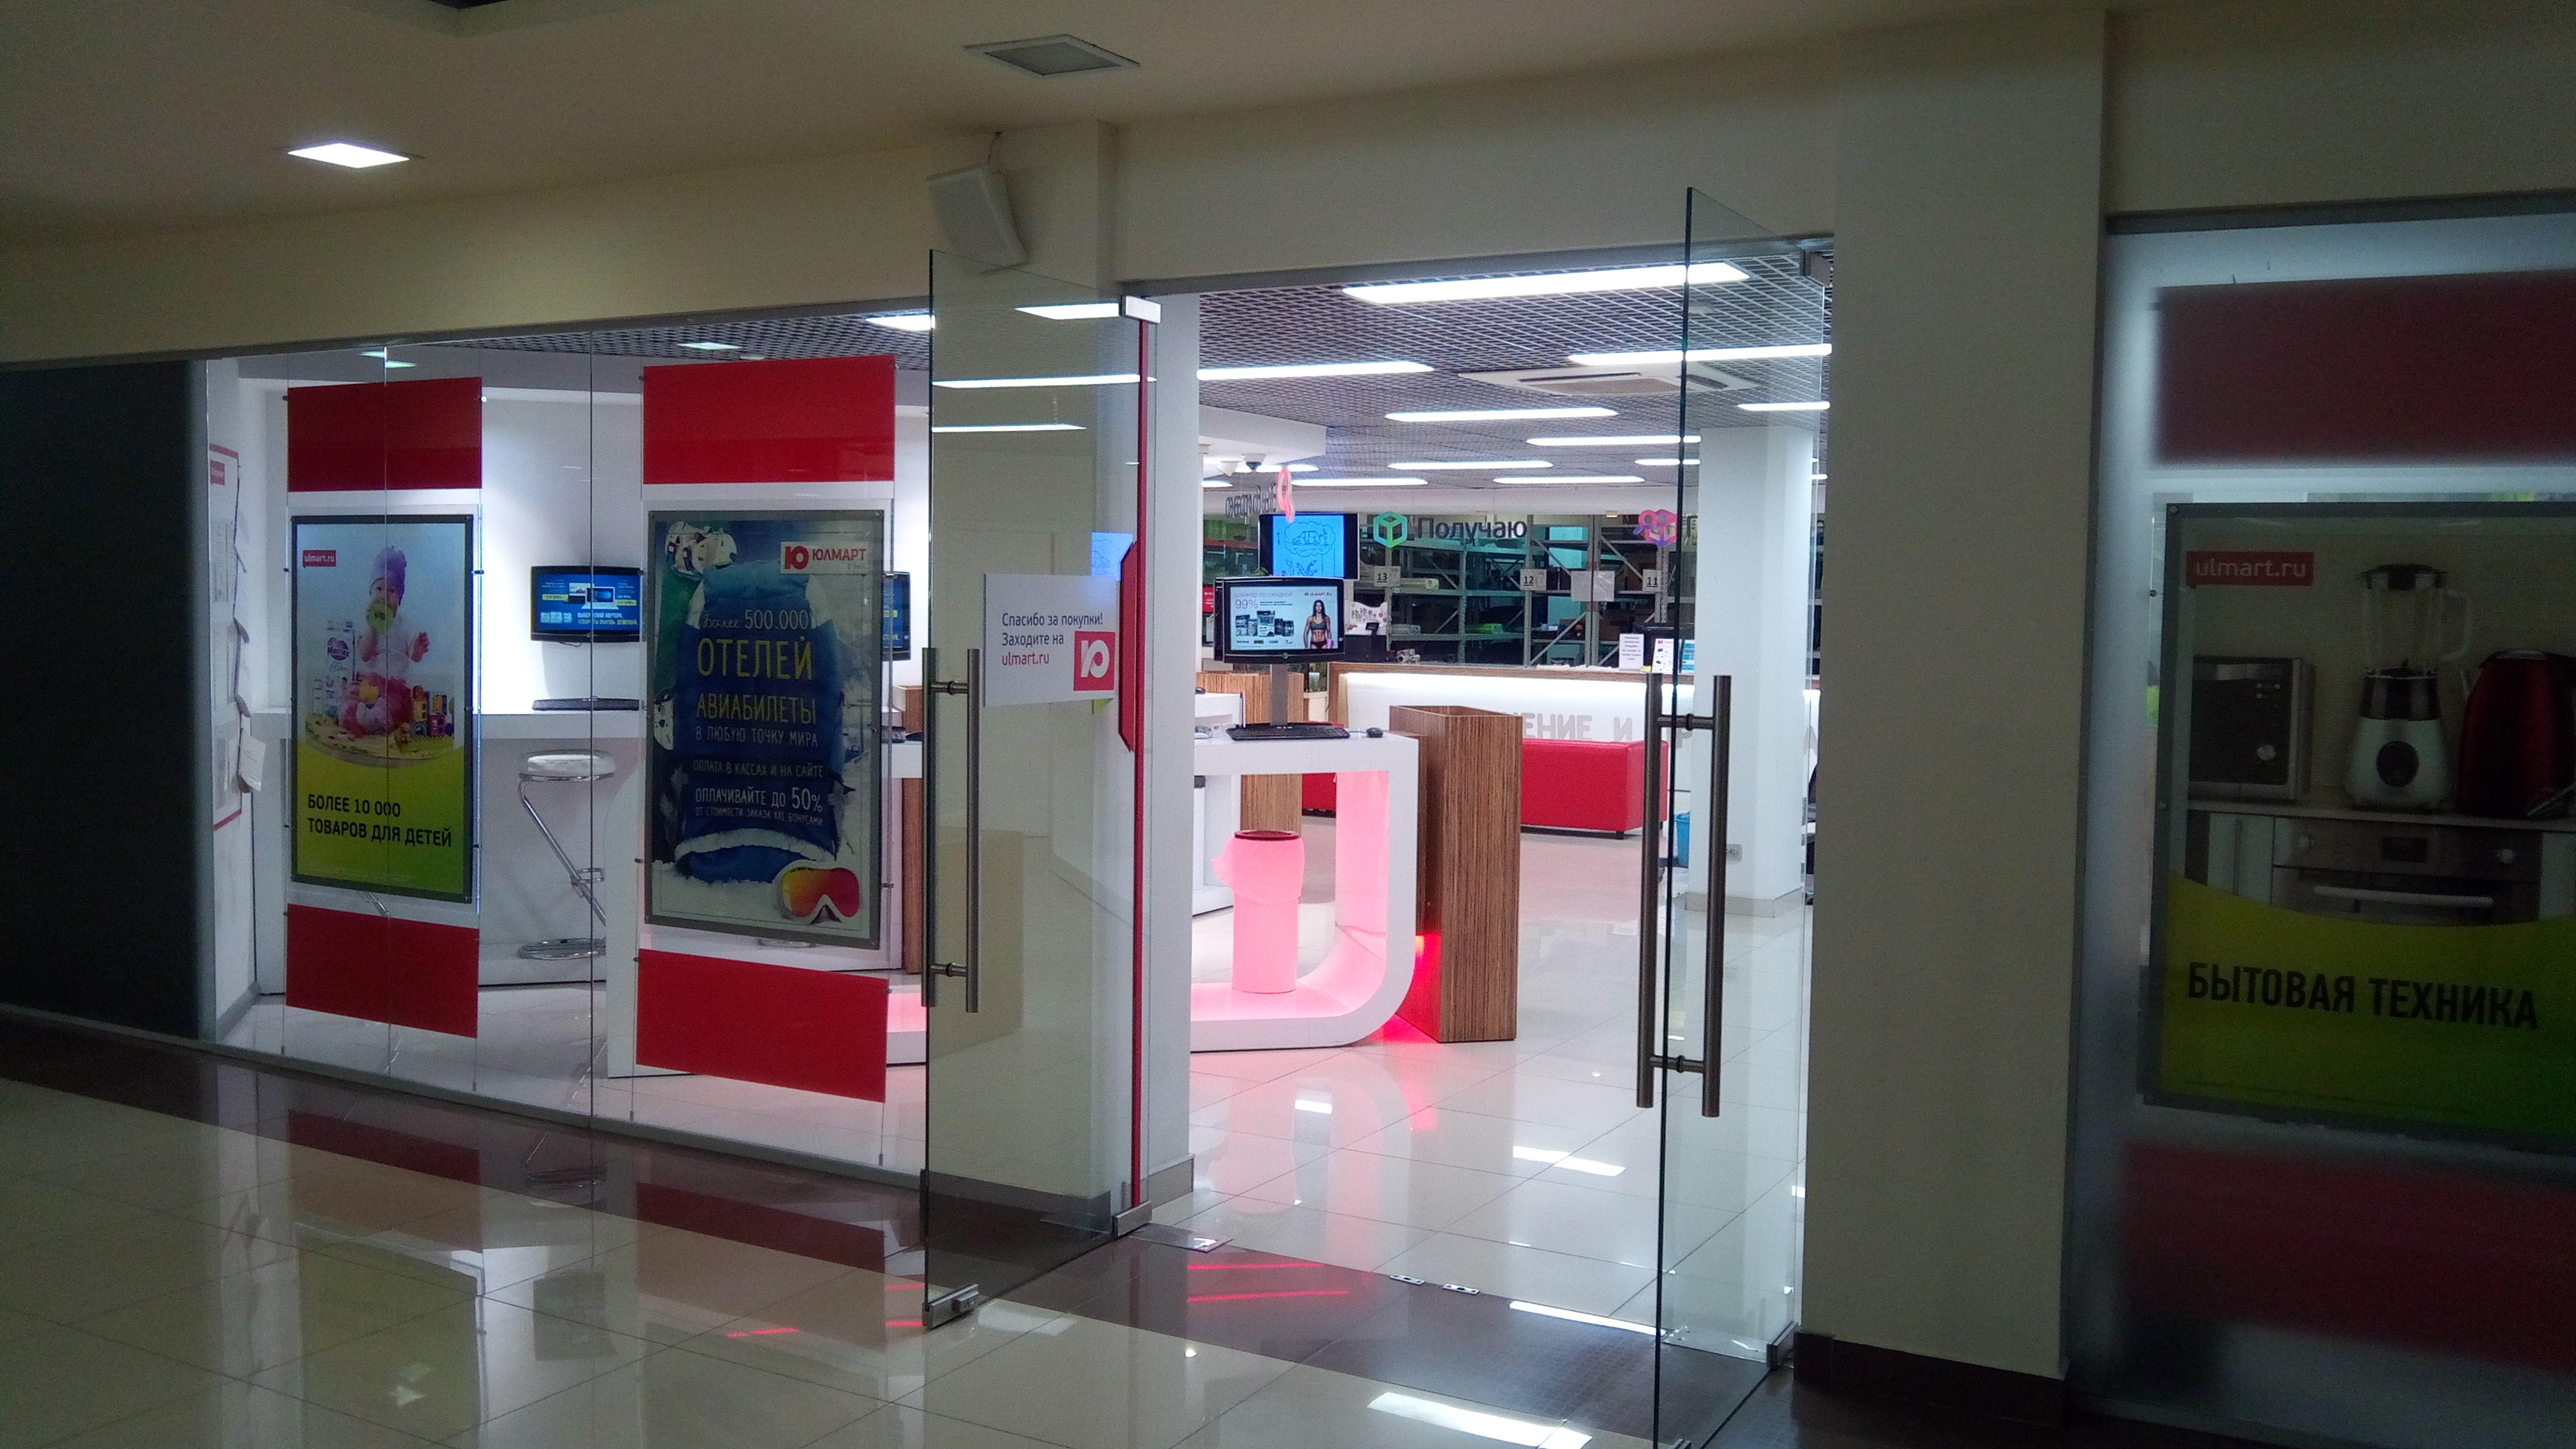 Юлмарт компьютерный магазин в нижнекамске трахают общественном